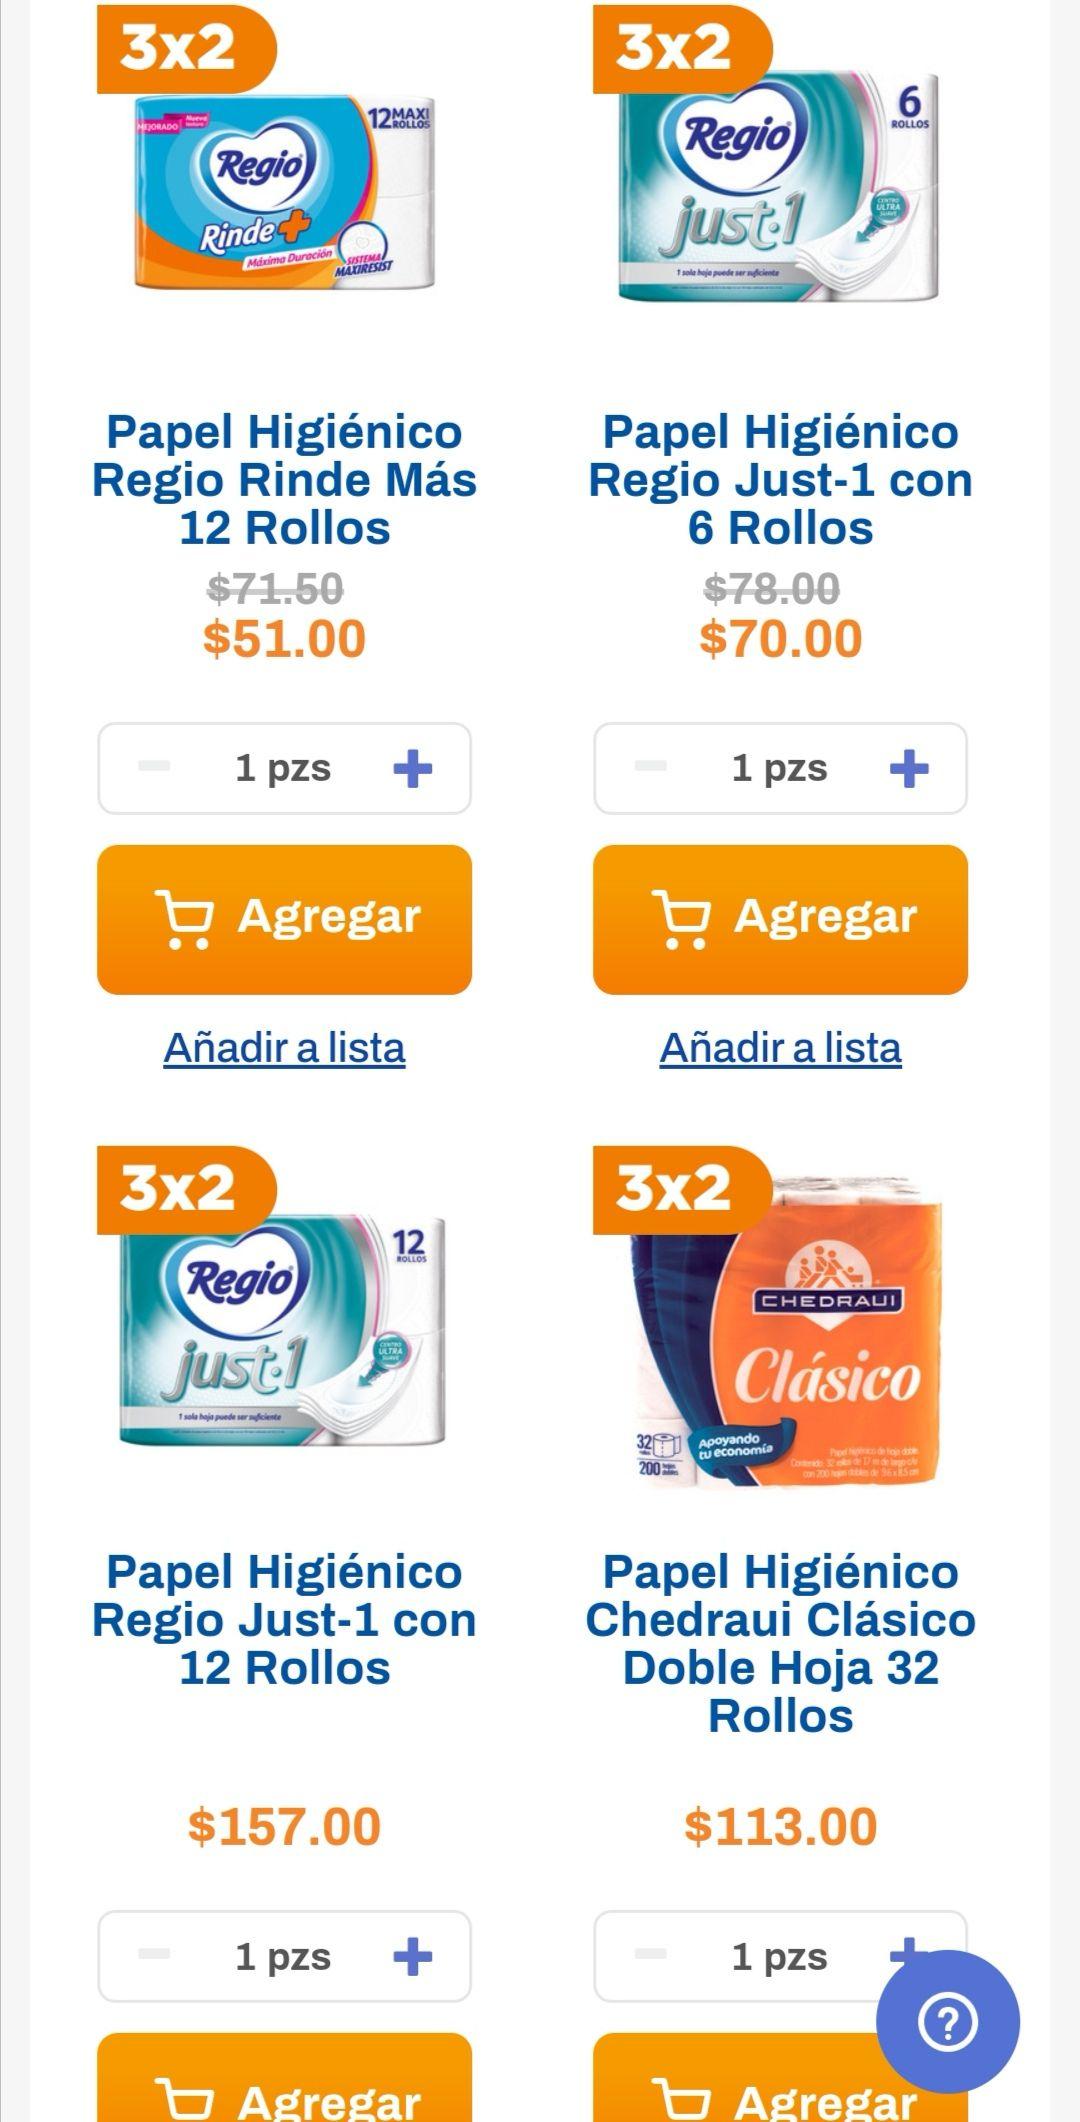 Chedraui: 3 x 2 en selección de papel higienico Regio o Chedraui 4, 6, 12, 32 rollos